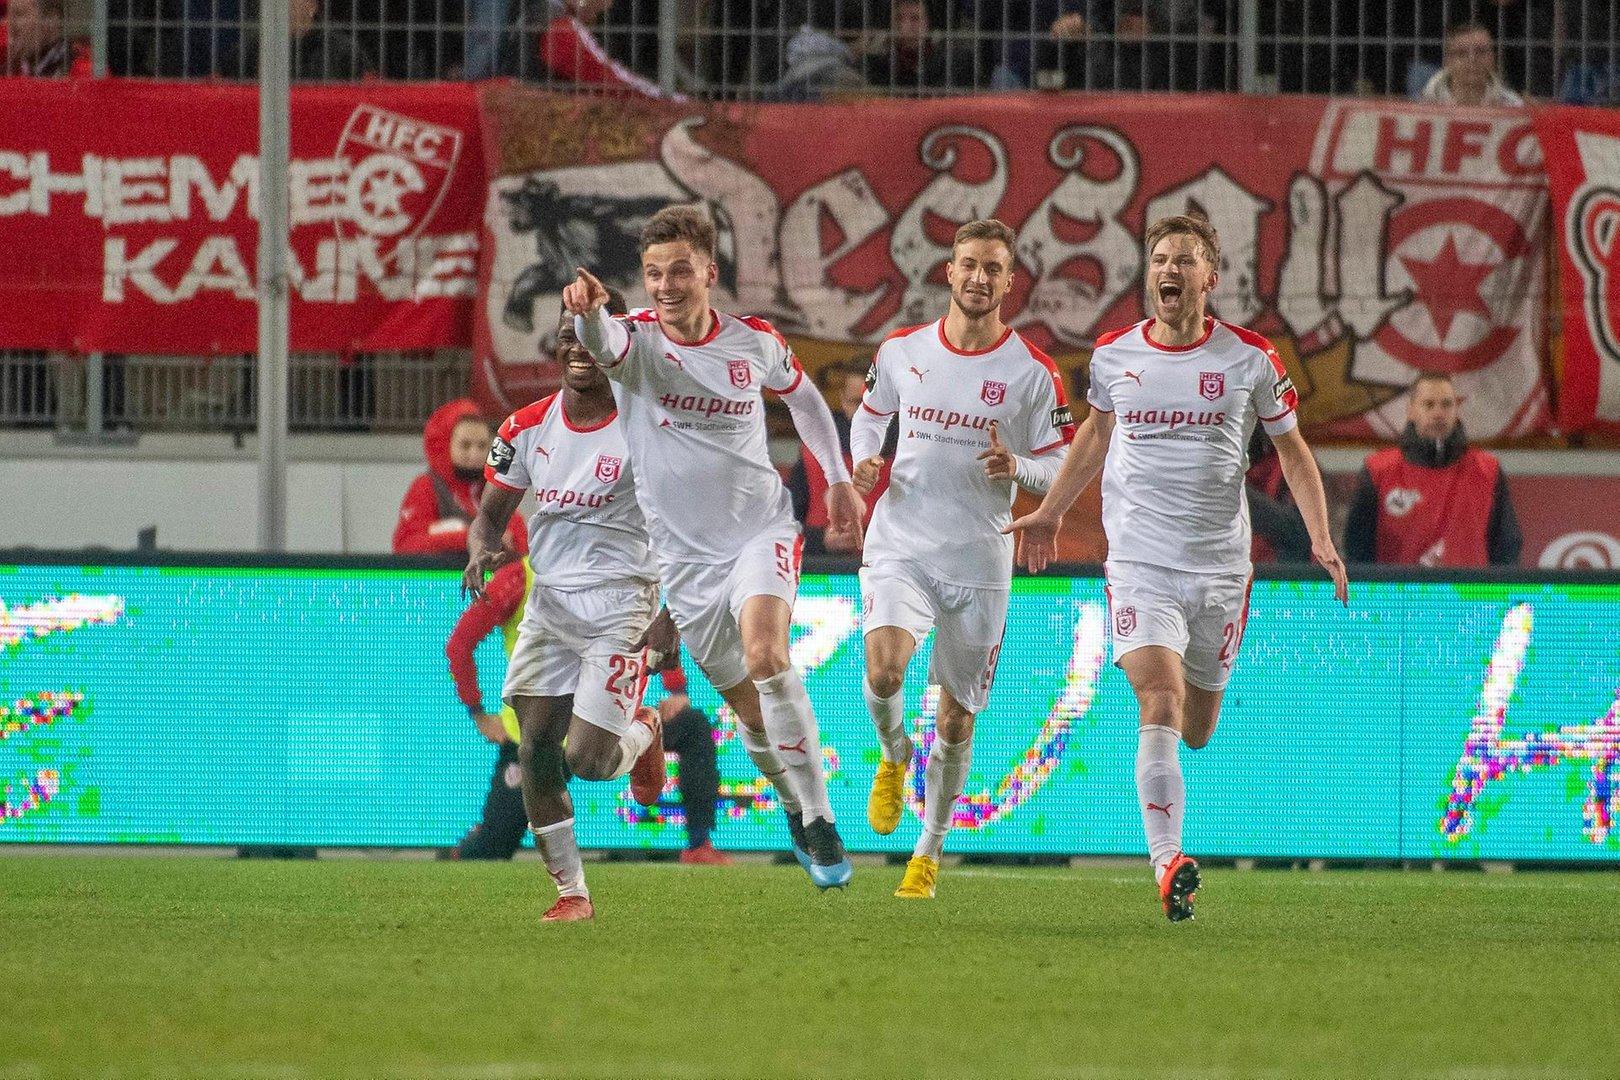 Halle vs Rostock Betting Tips